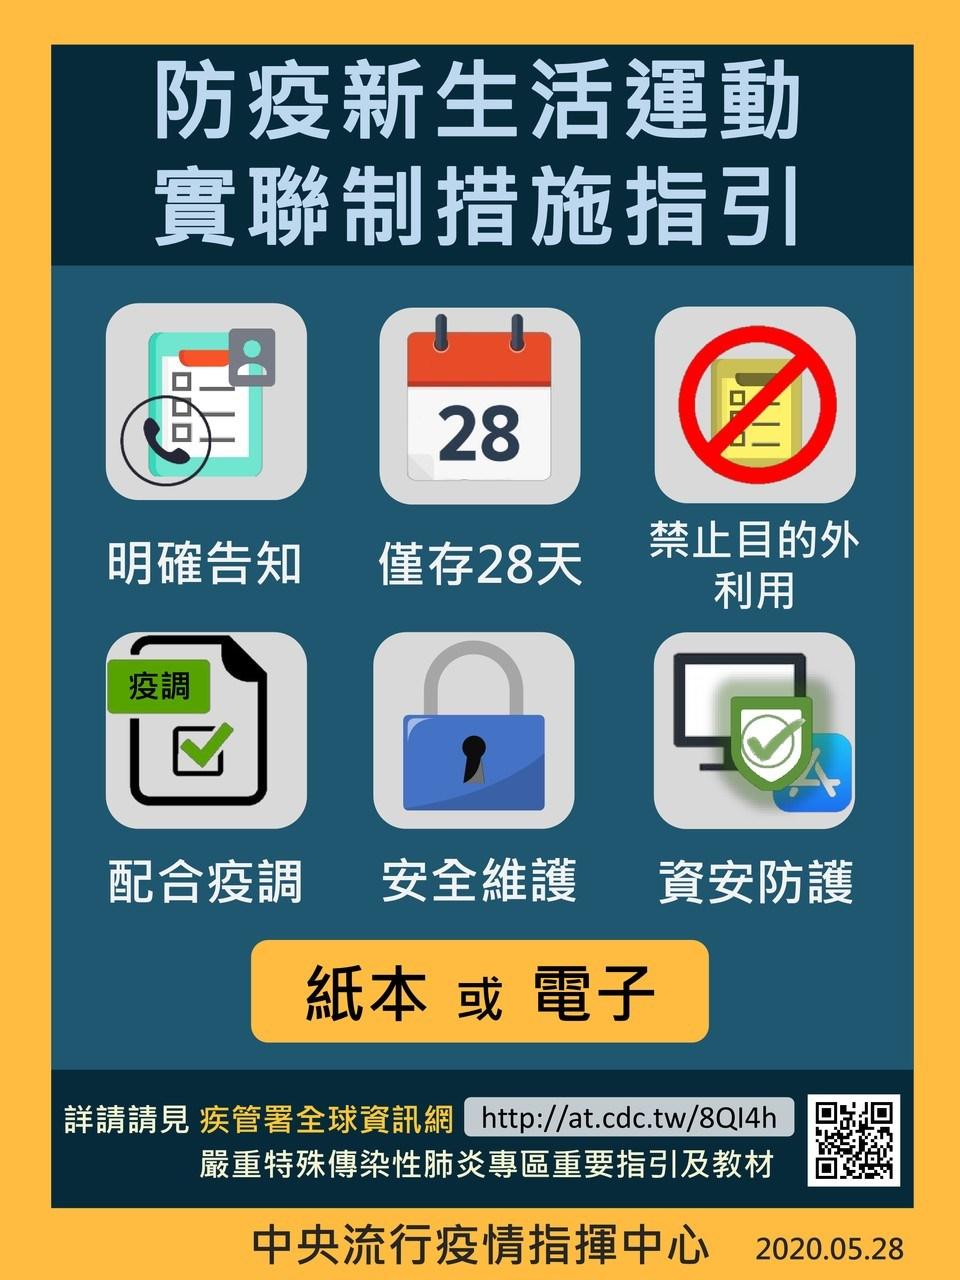 中央流行疫情指揮中心28日公布「實聯制措施指引」,各場域所蒐集的民眾個人資料,都要指定專人辦理並善盡資料保護責任,最多存放28天。(圖取自疾管家LINE帳號)